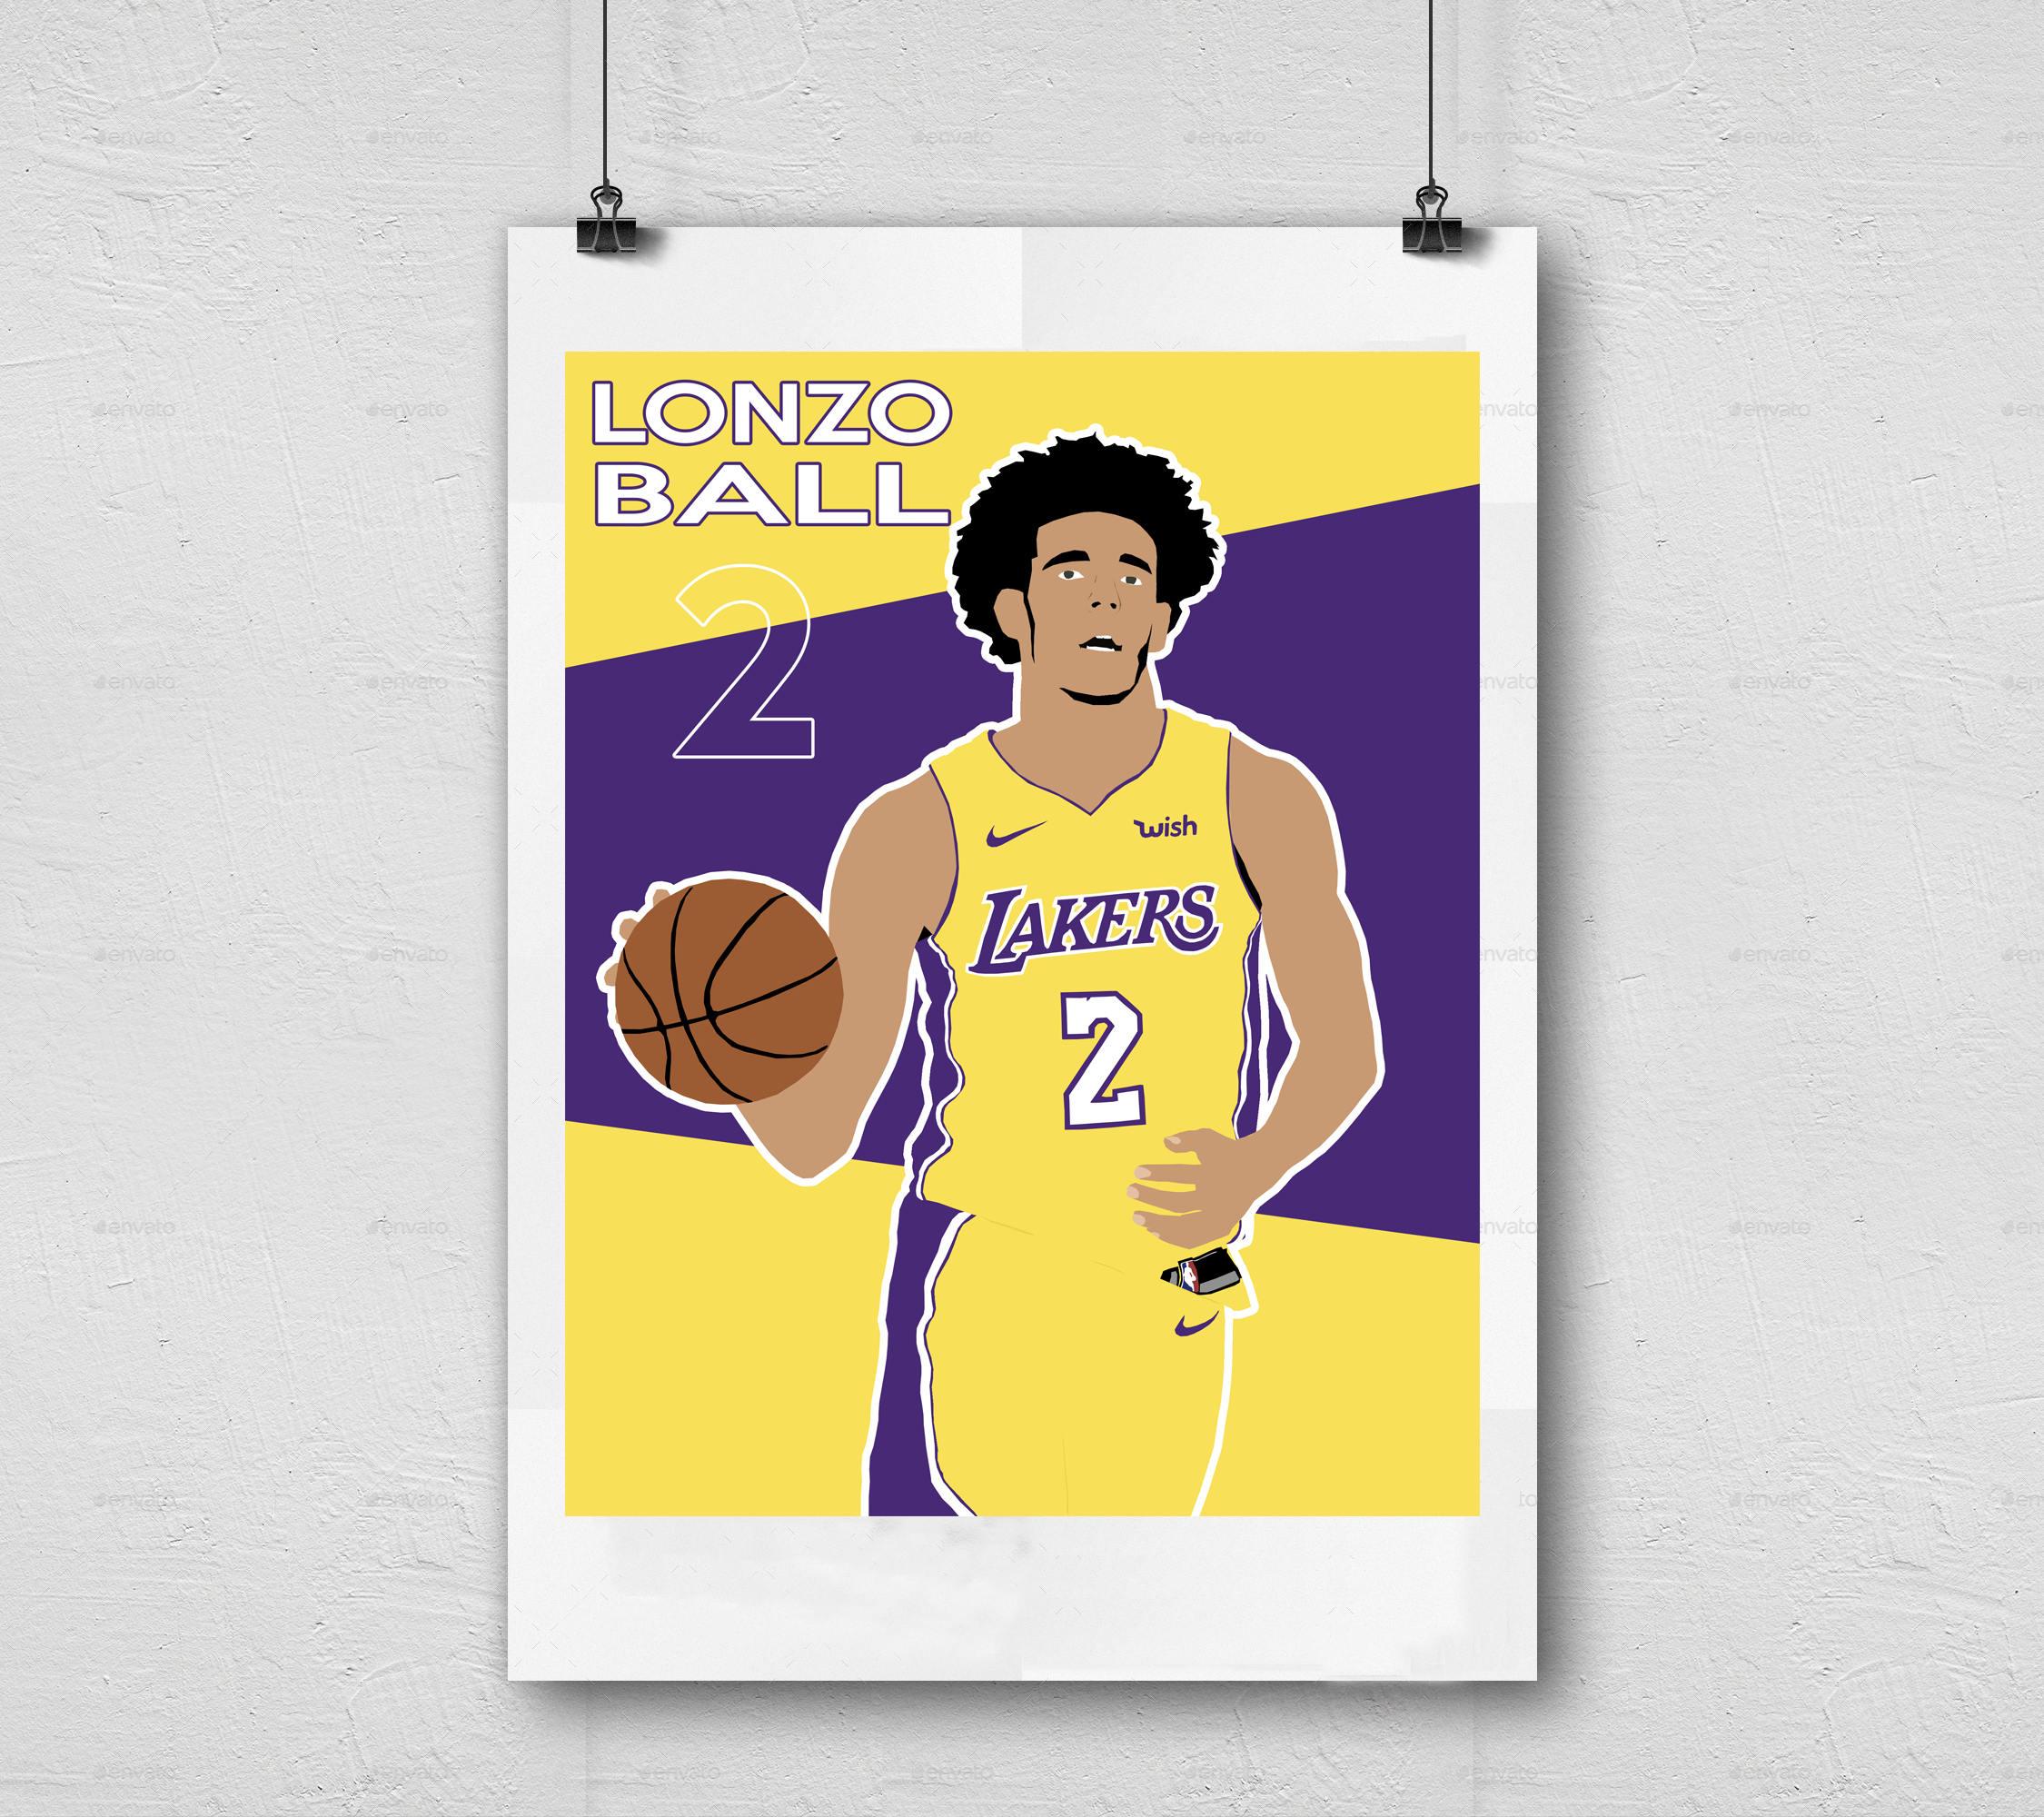 Lonzo Ball Los Angeles Lakers NBA Basketball Printable